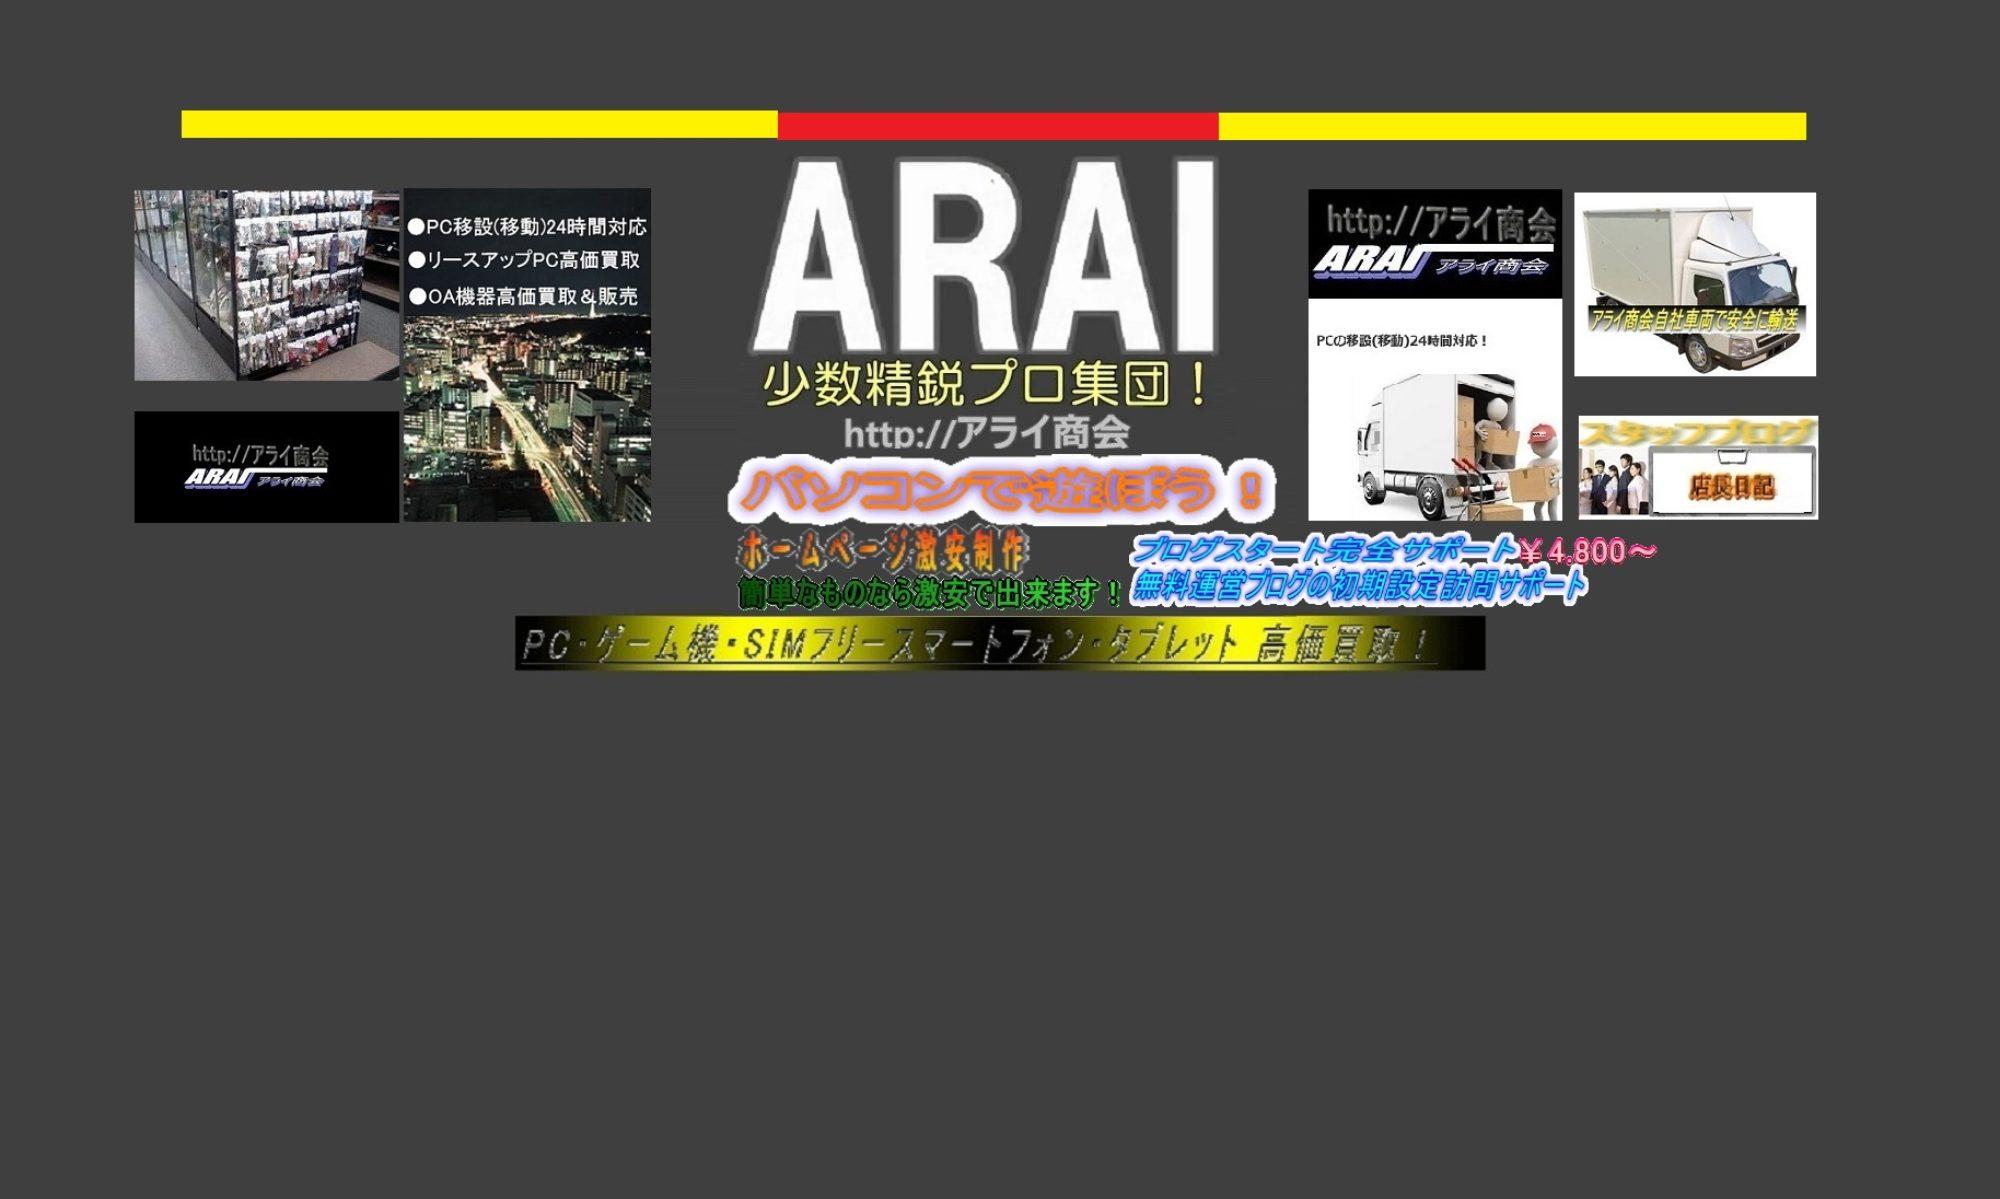 アライ商会ホームページ